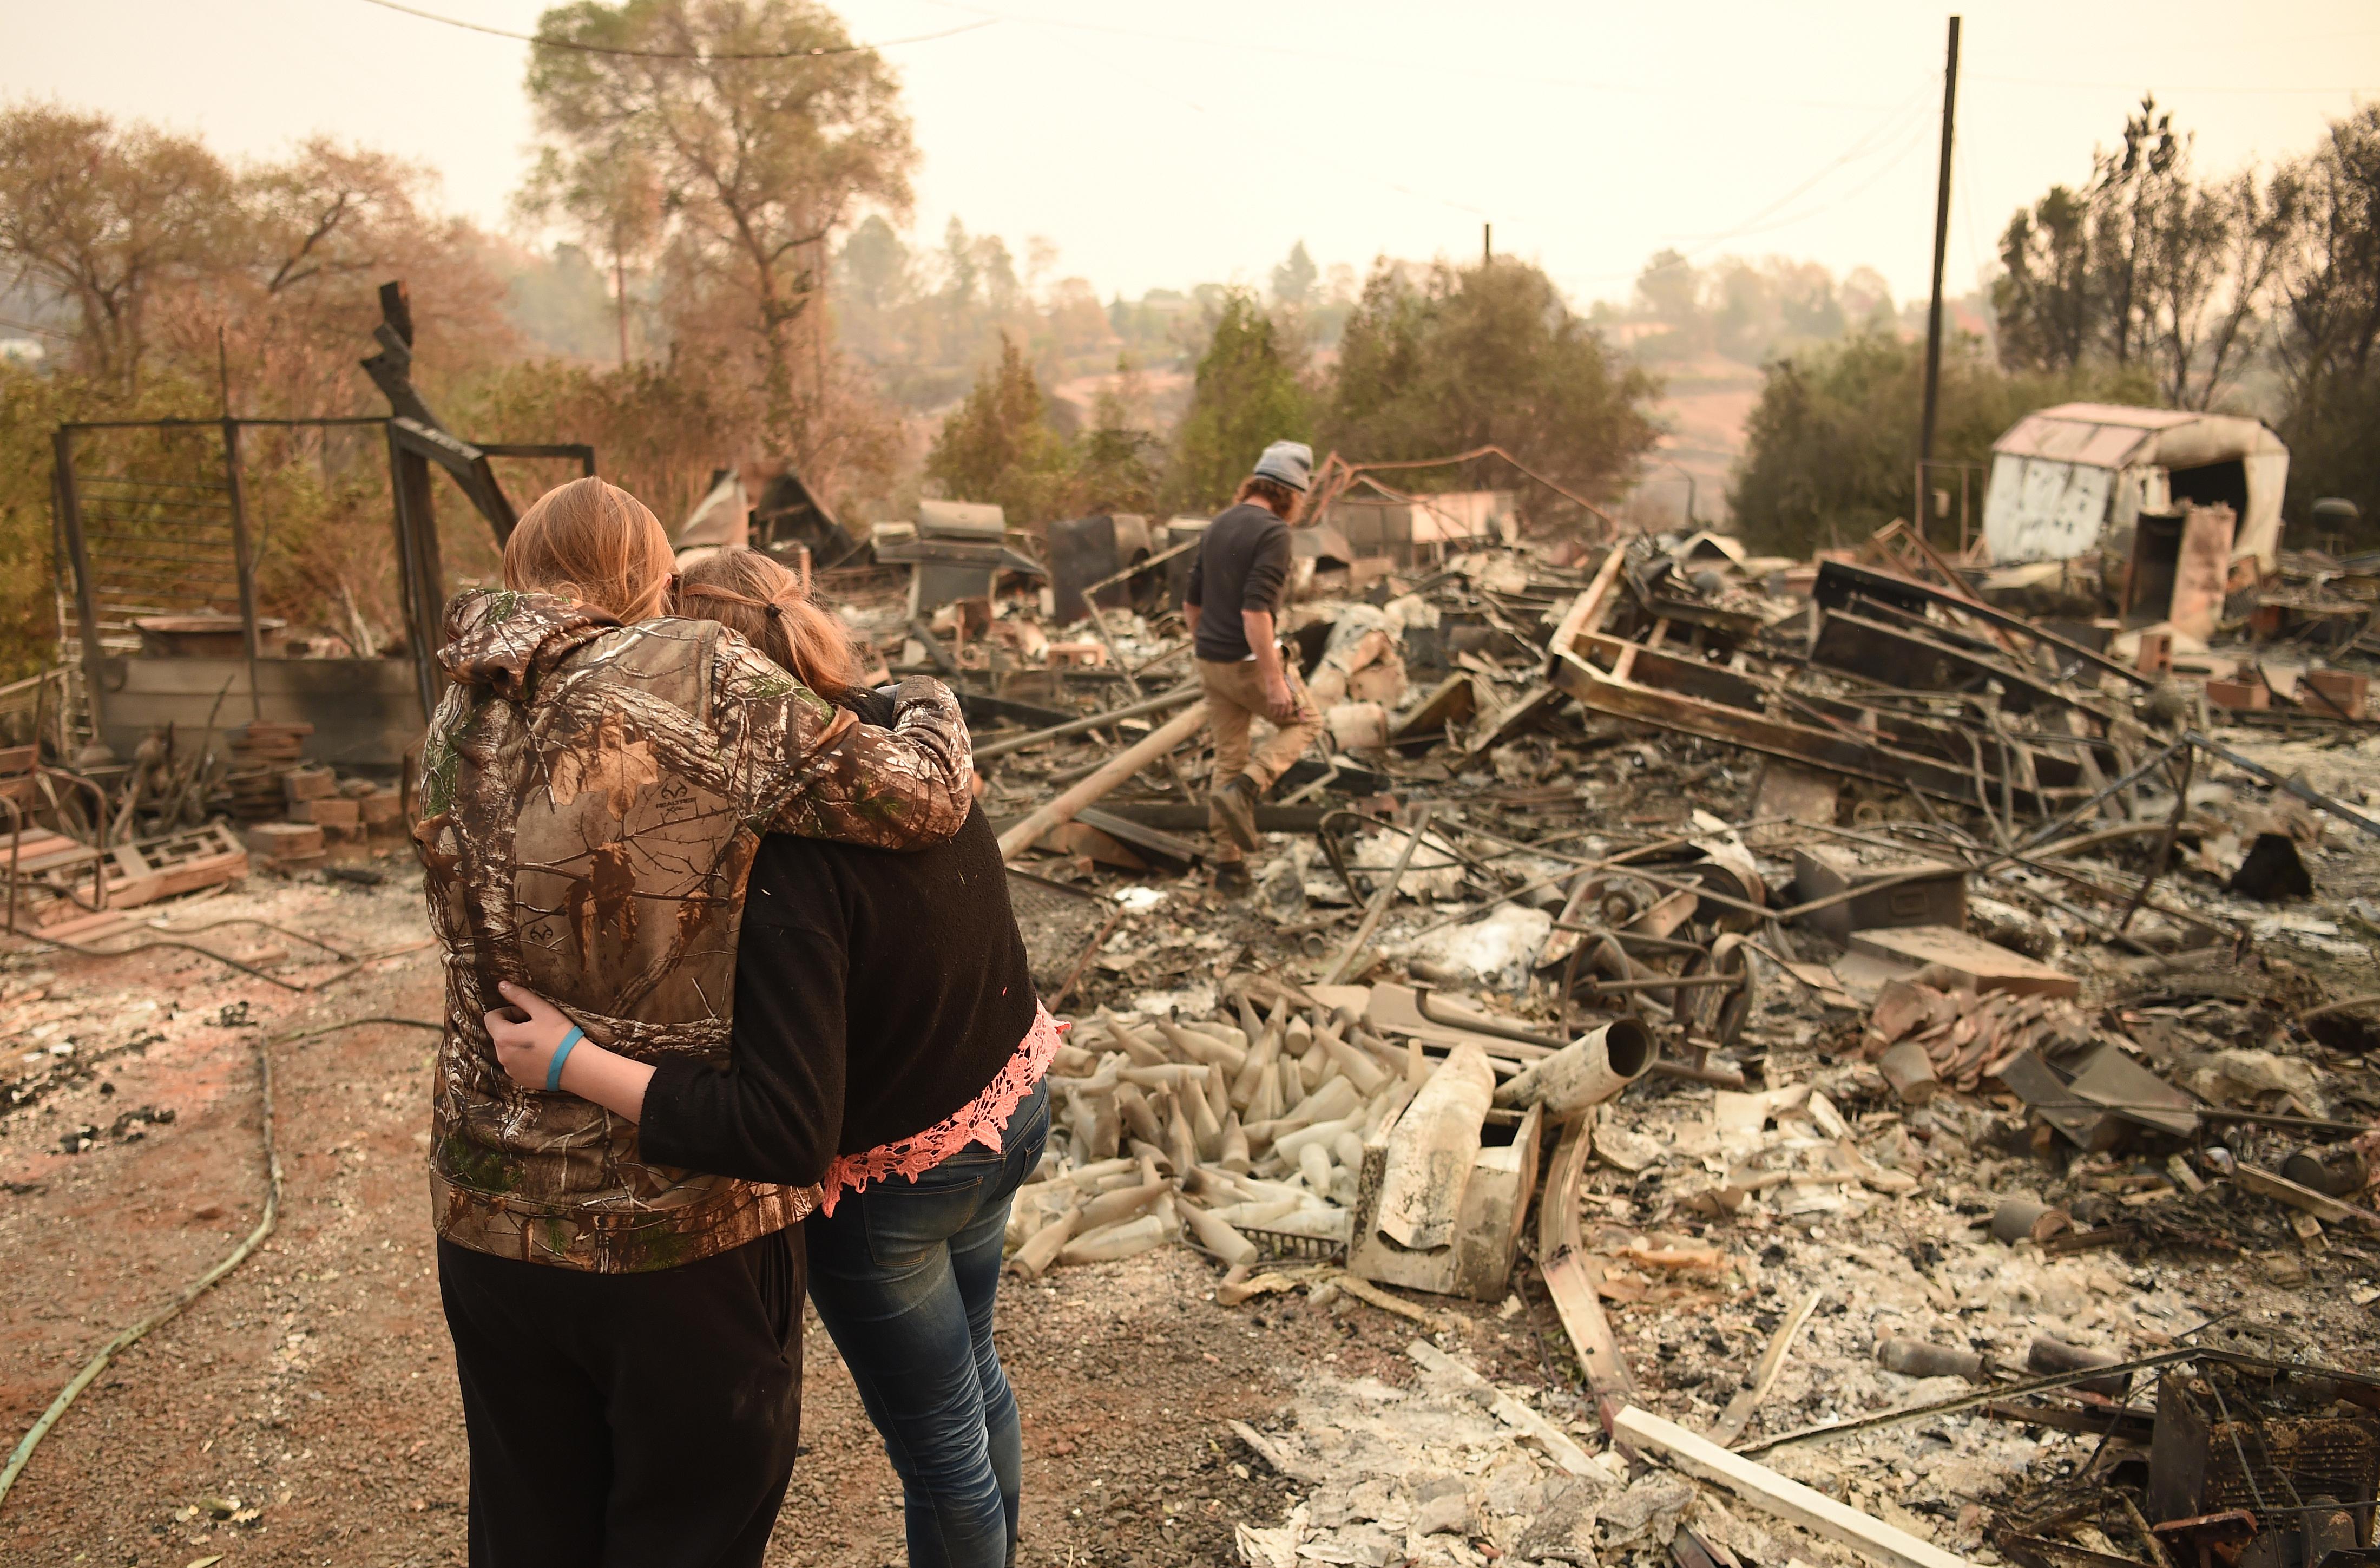 Op de foto twee mensen die elkaar troosten in de puinhopen van de bosbranden in Paradise.